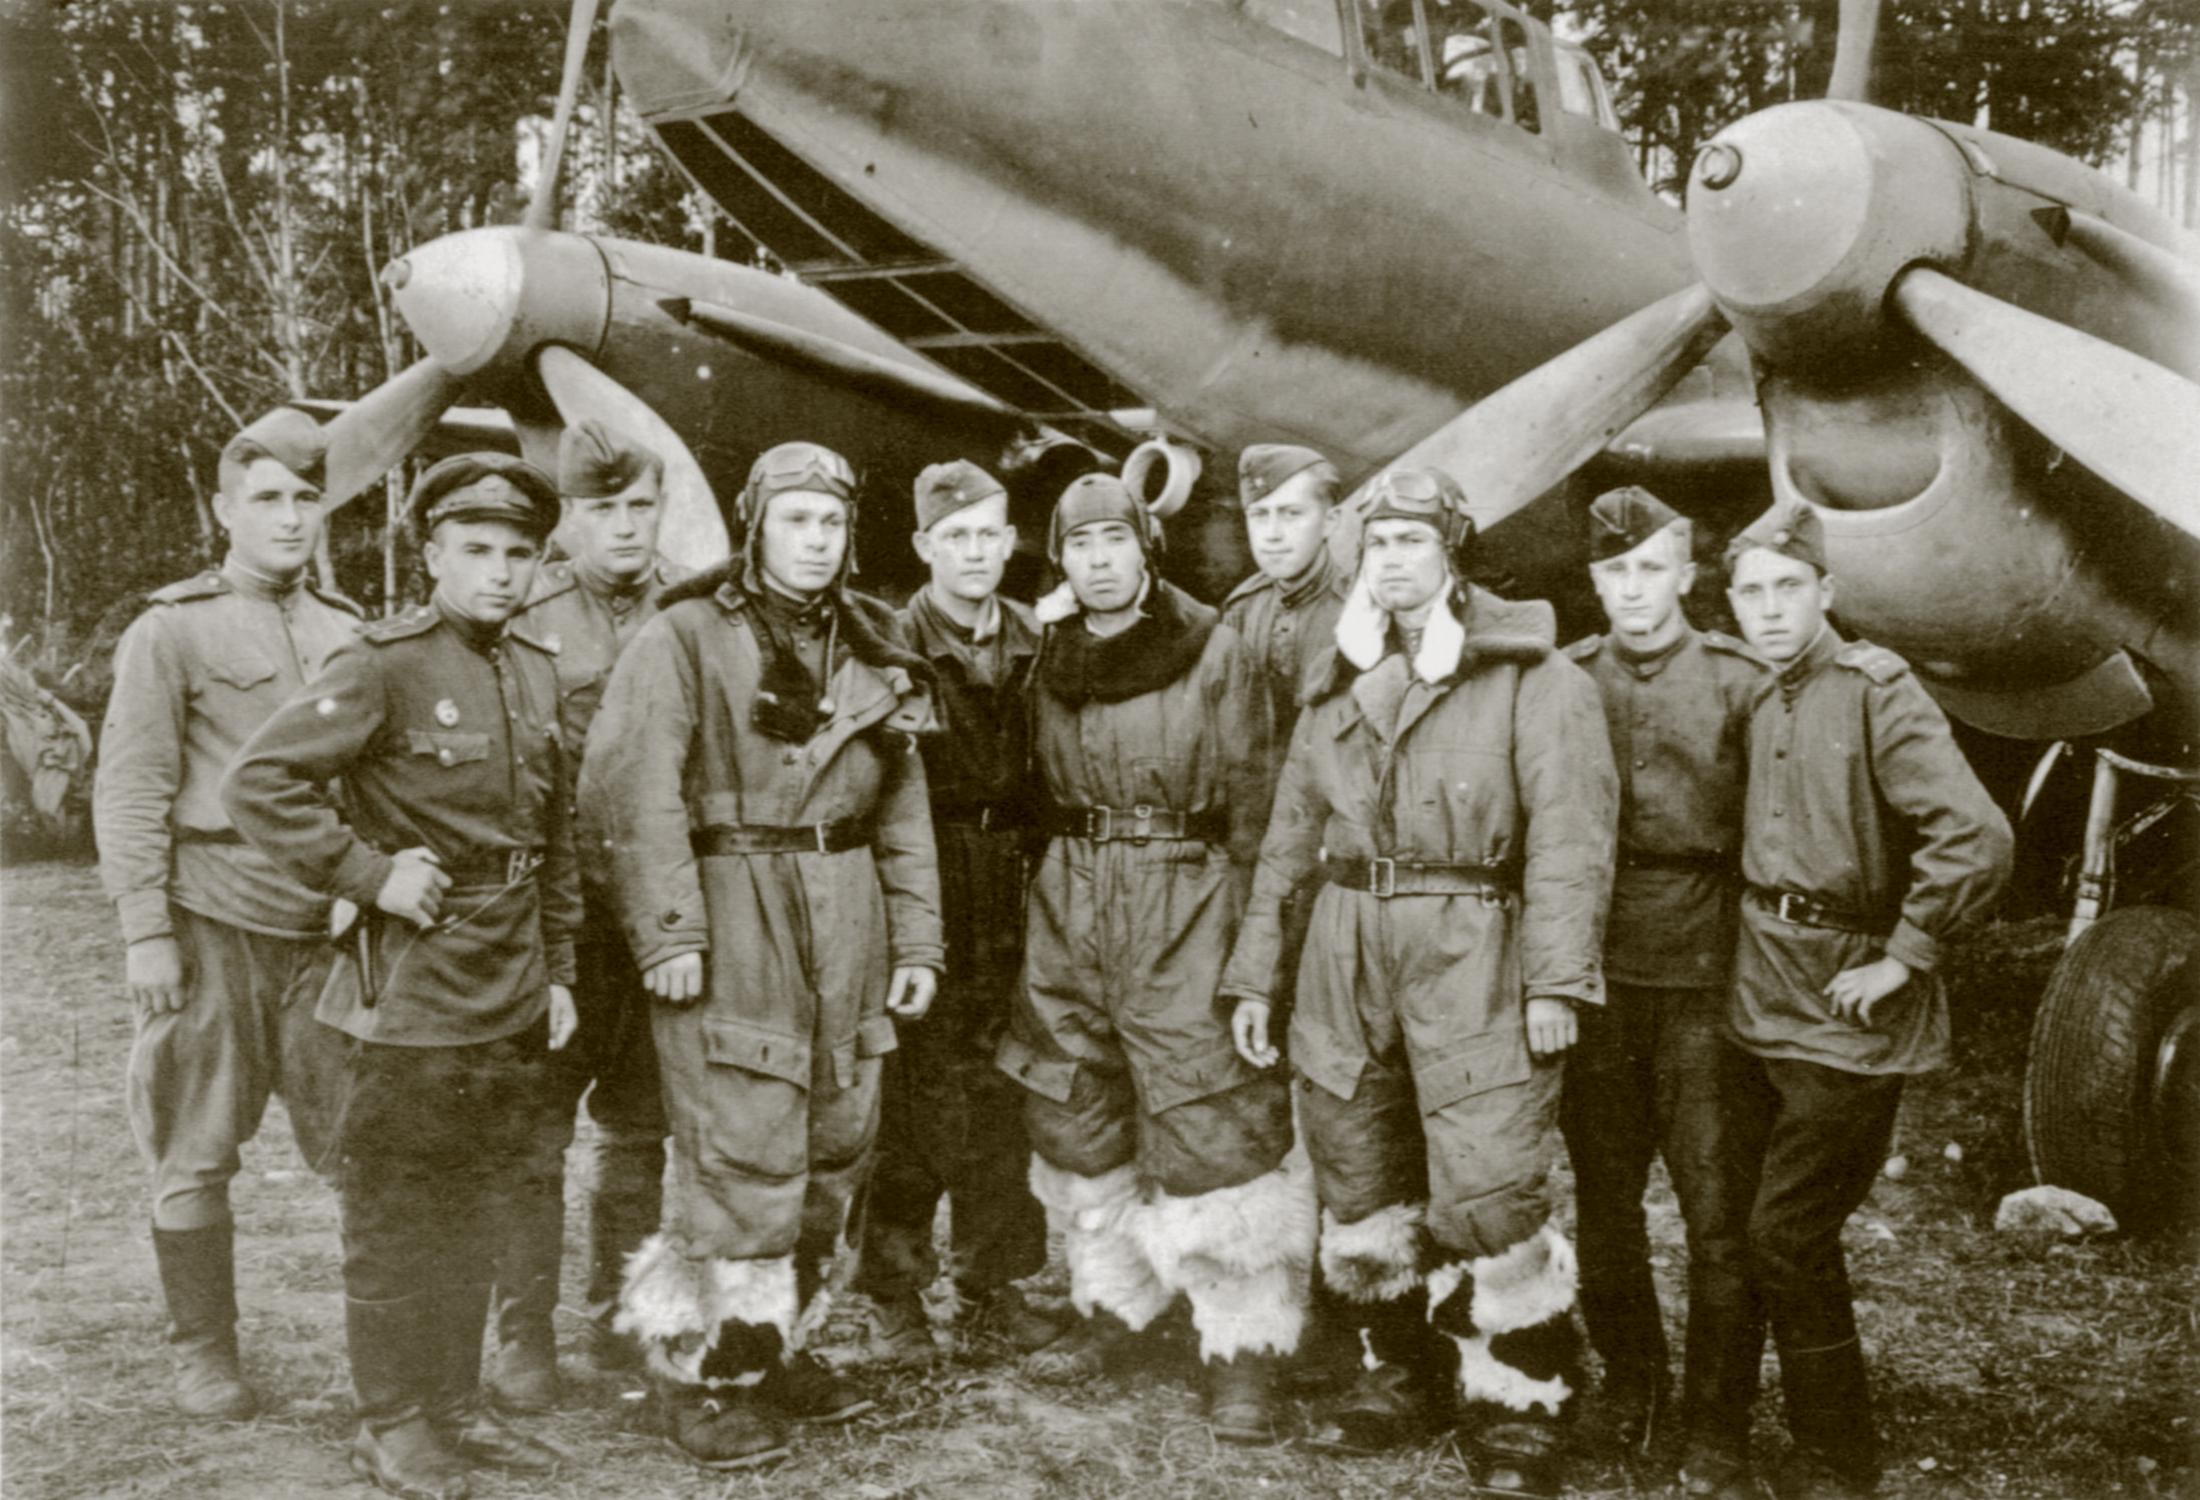 Petlyakov Pe 2R 47ORPS crew of Captain Dunaevsky and ground crew members 1945 01